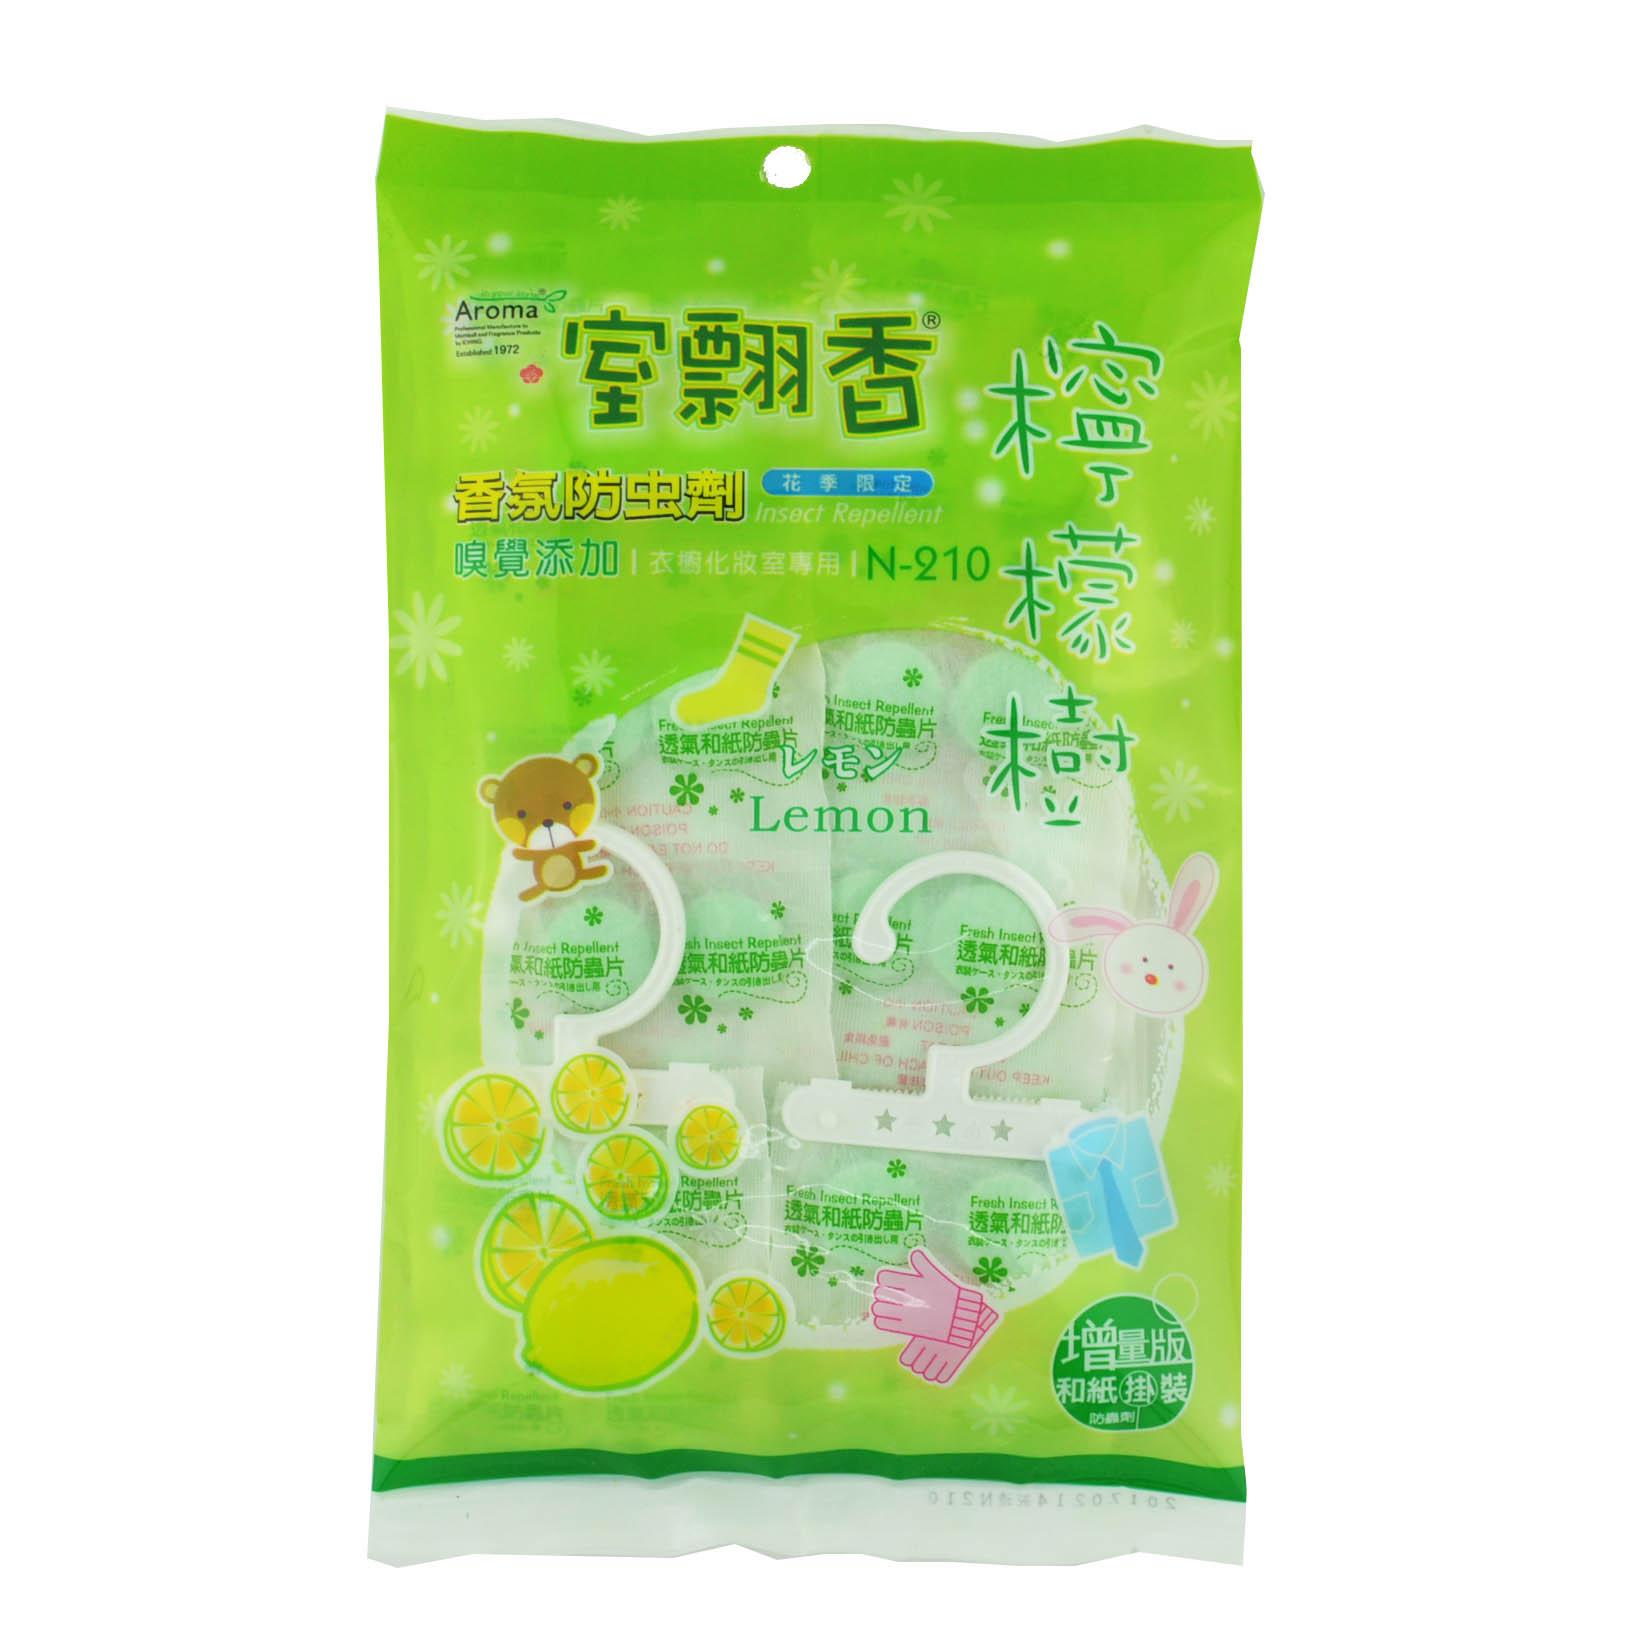 室飄香 檸檬樹 香氛防蟲劑 -(掛裝) N-010 奈丸